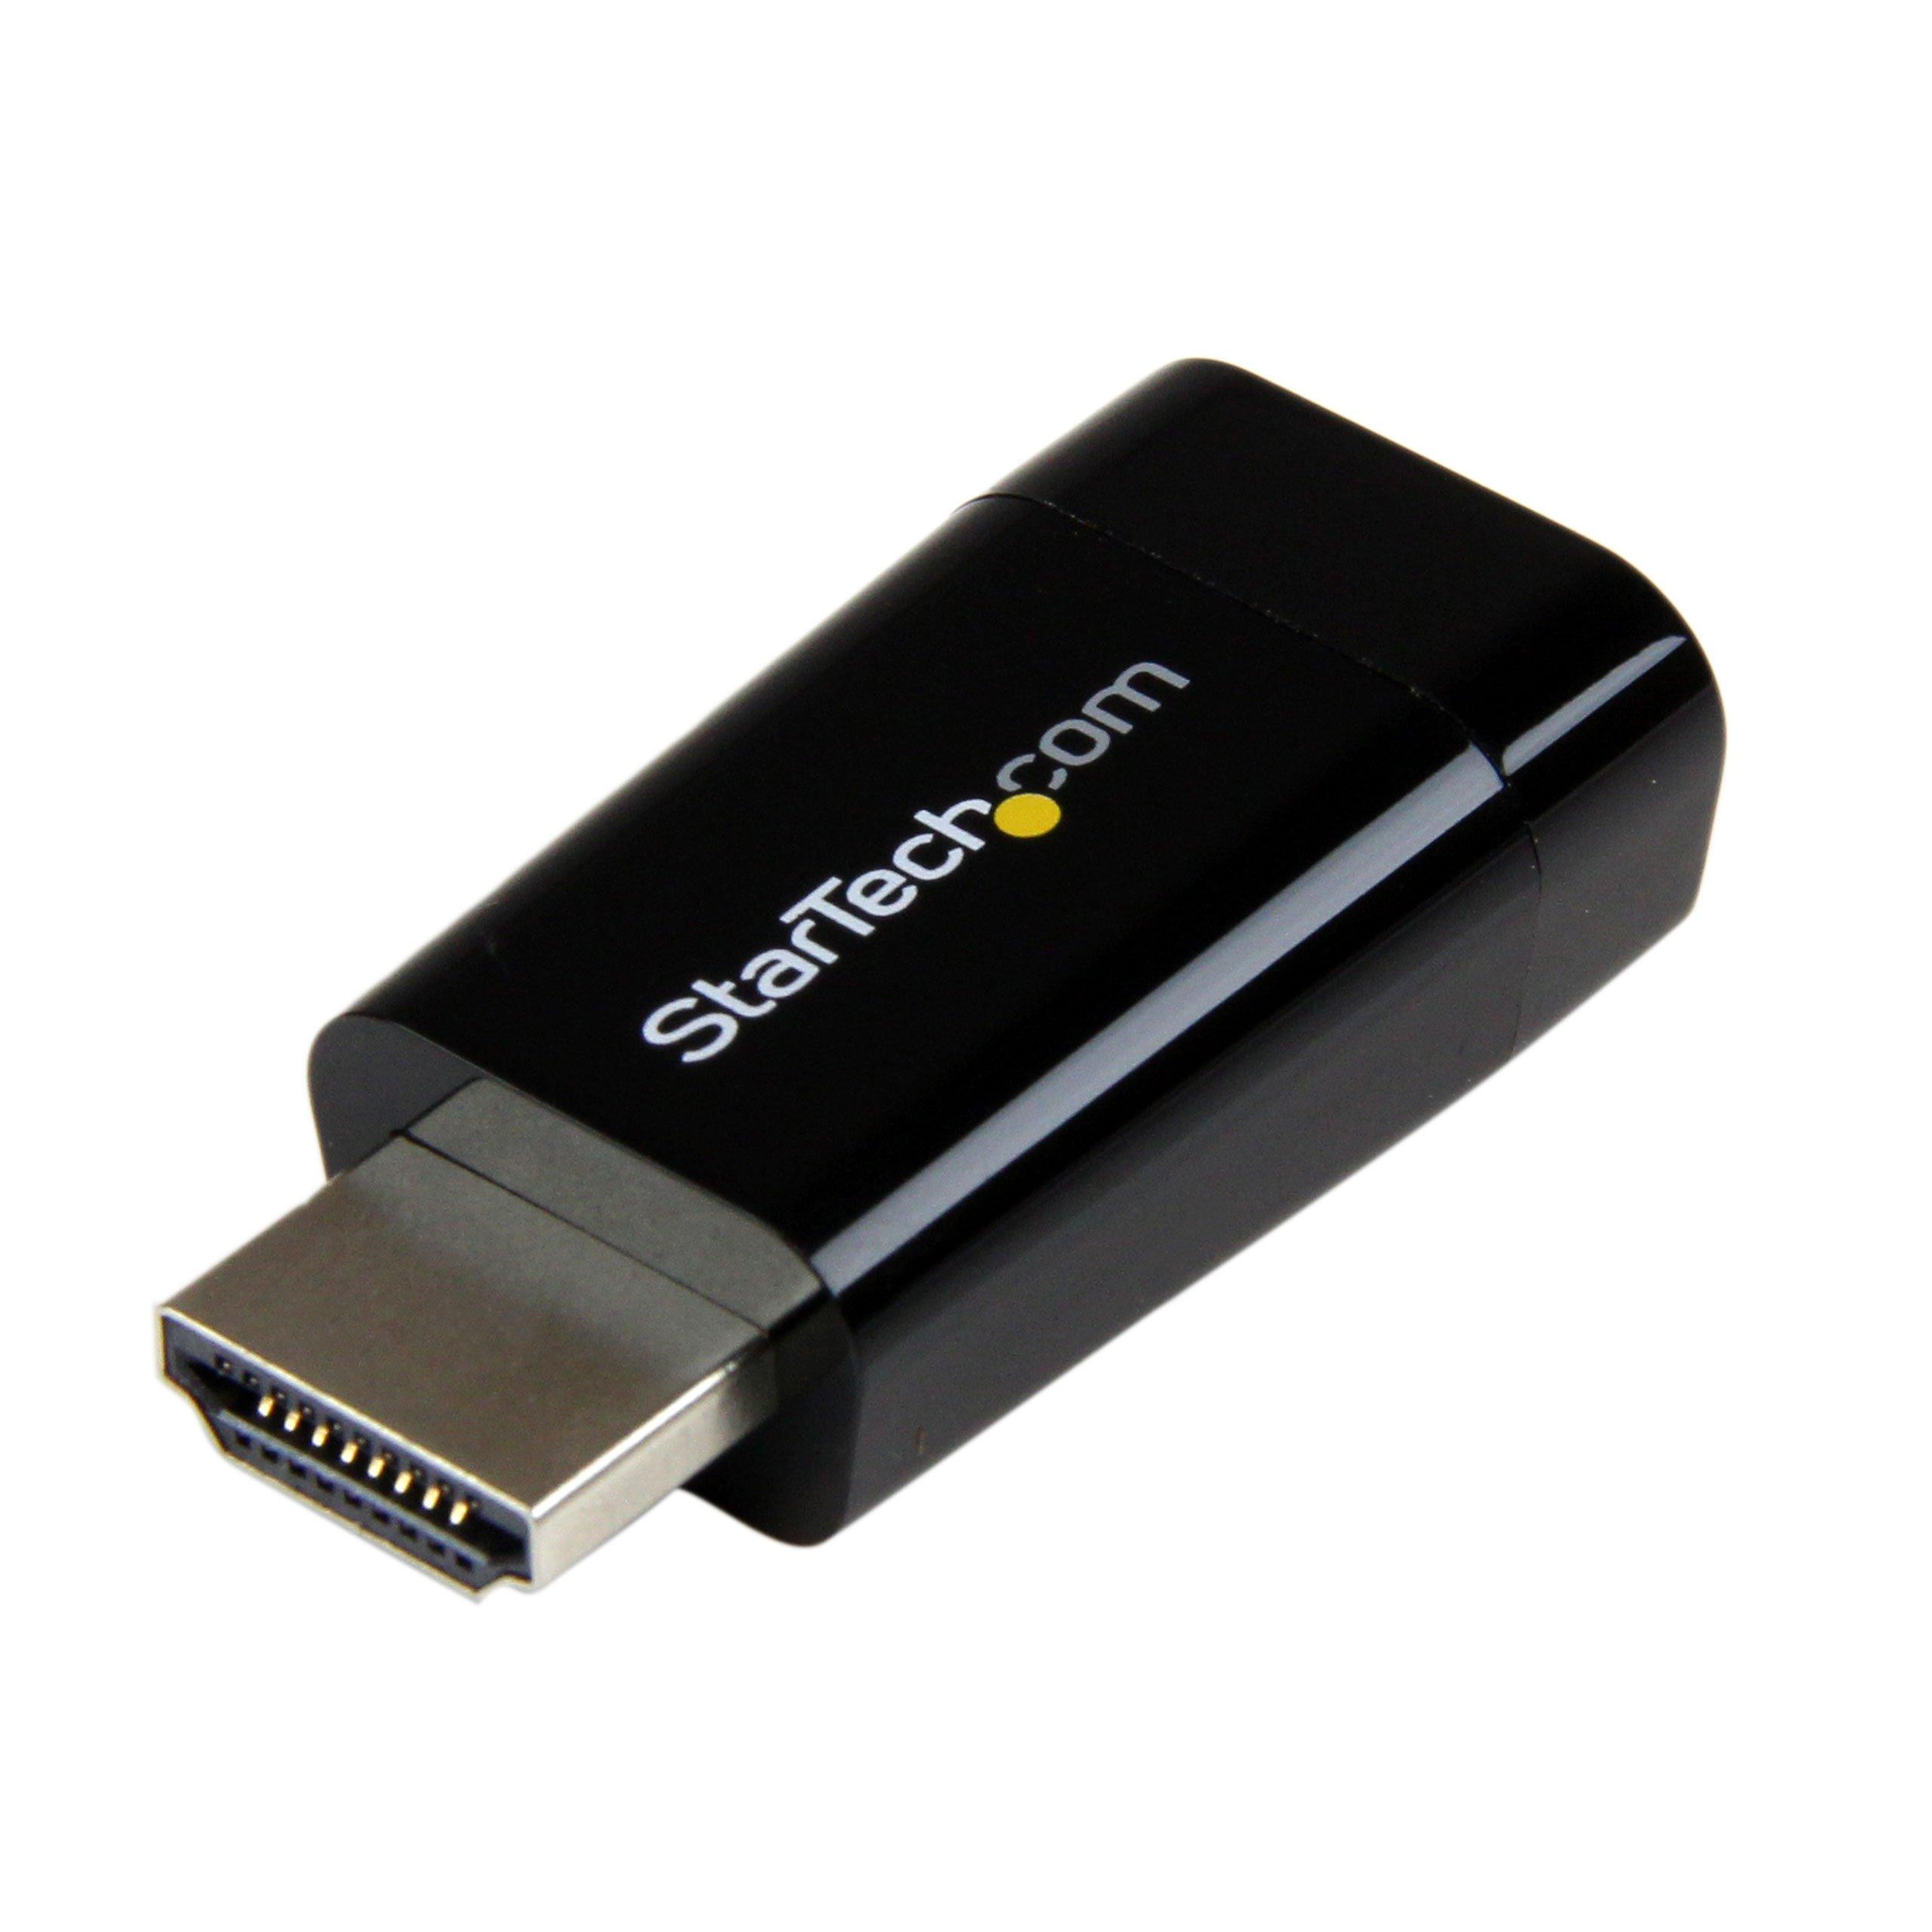 StarTech HD2VGAMICRO Compact HDMI to VGA Adapter Converter